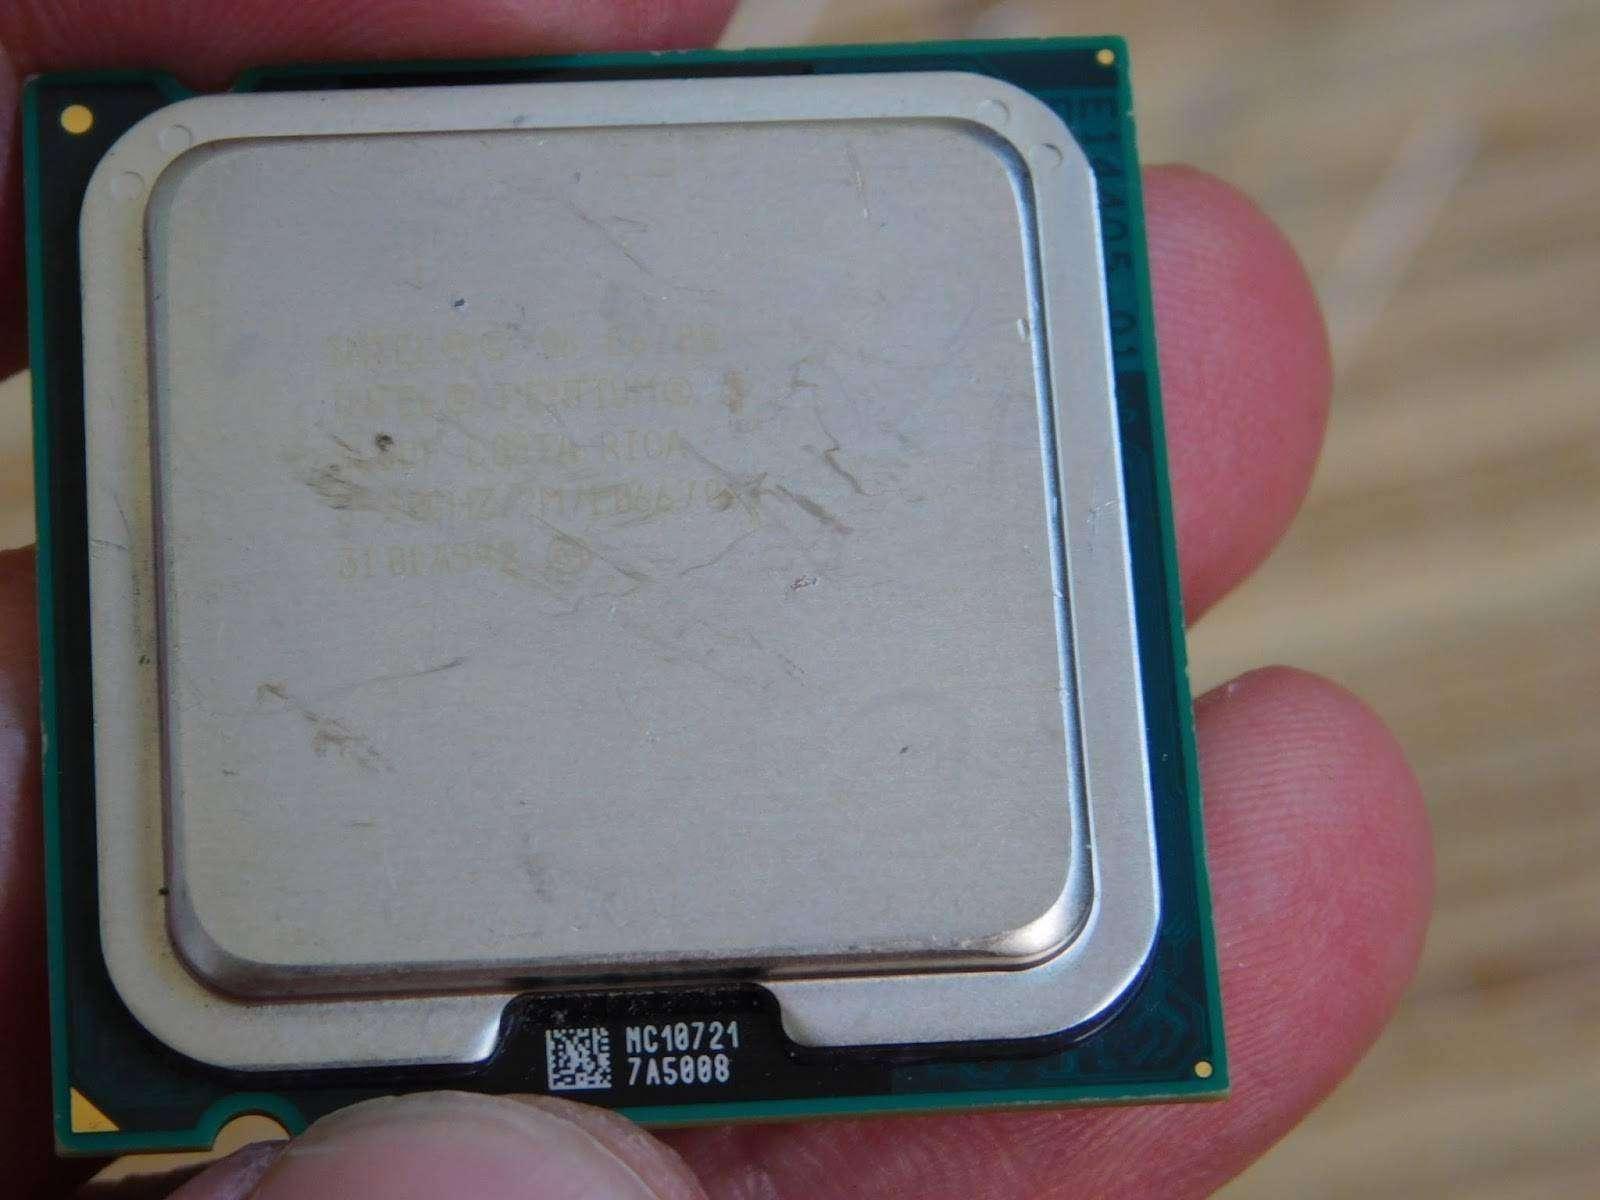 GearBest: Апгрейд старого компьютера